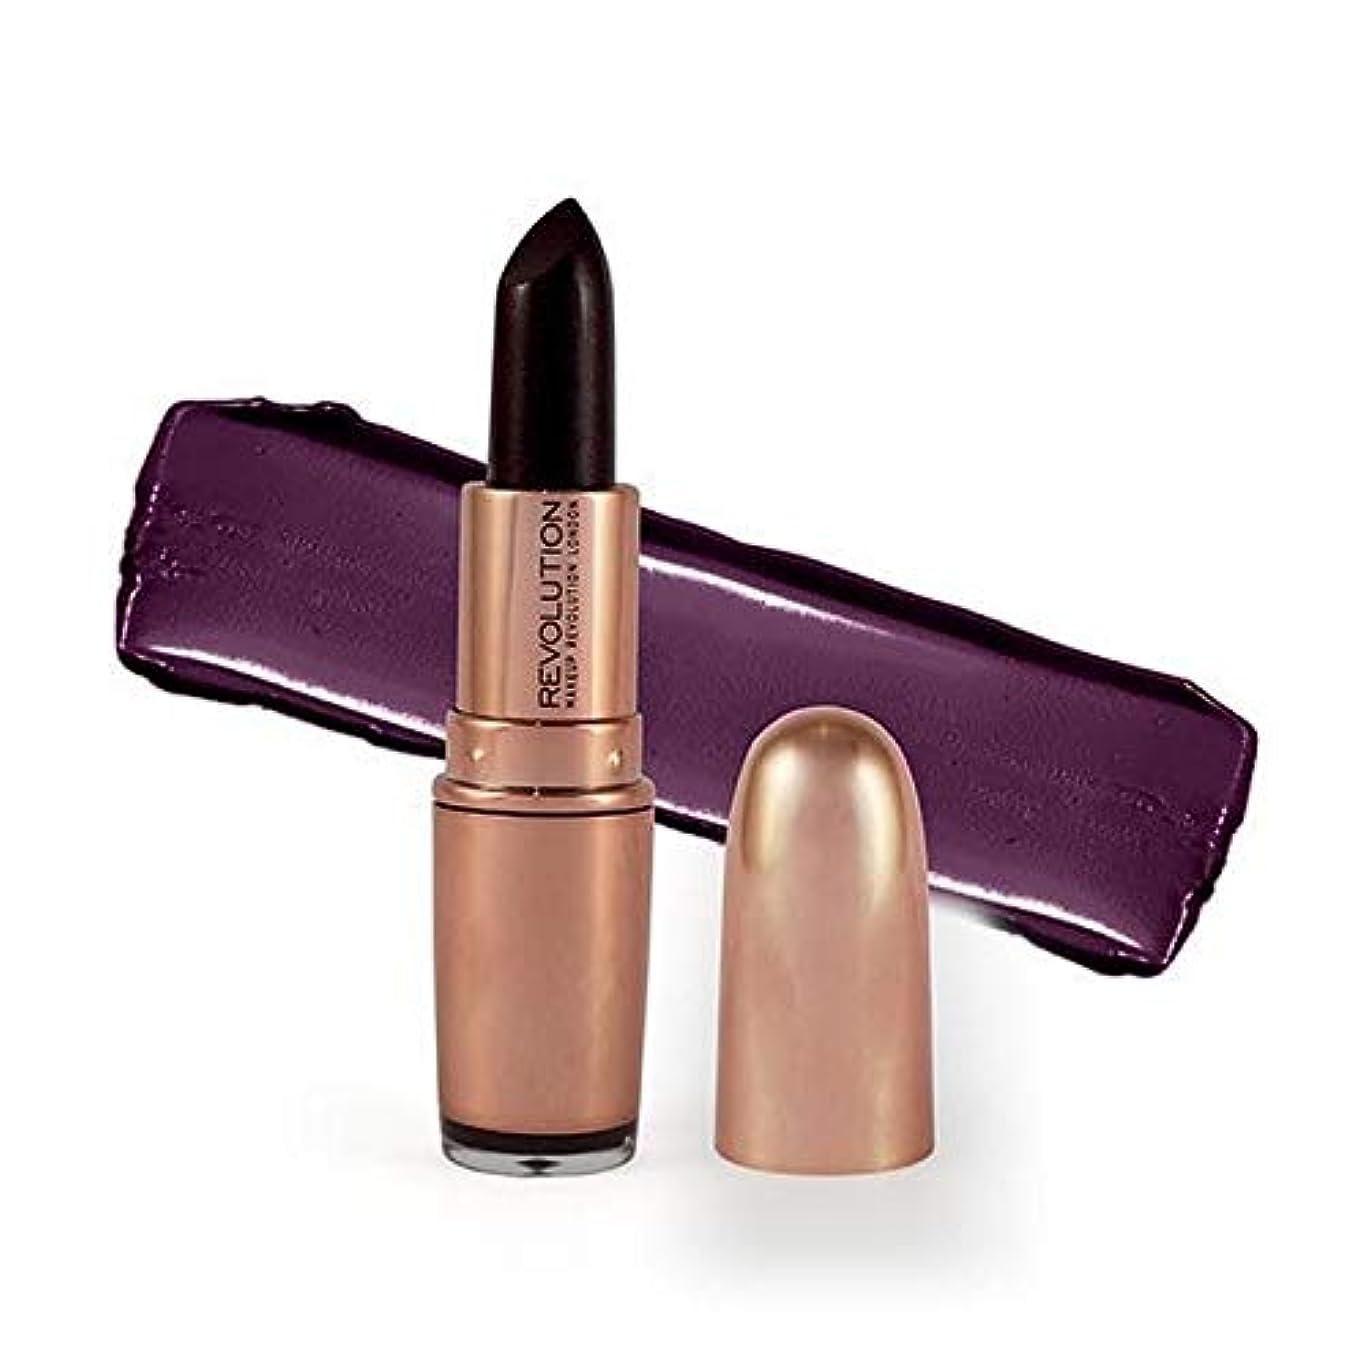 休憩広大な閉塞[Revolution ] 革命は、金口紅ダイヤモンドライフ3.2グラムをバラ - Revolution Rose Gold Lipstick Diamond Life 3.2G [並行輸入品]